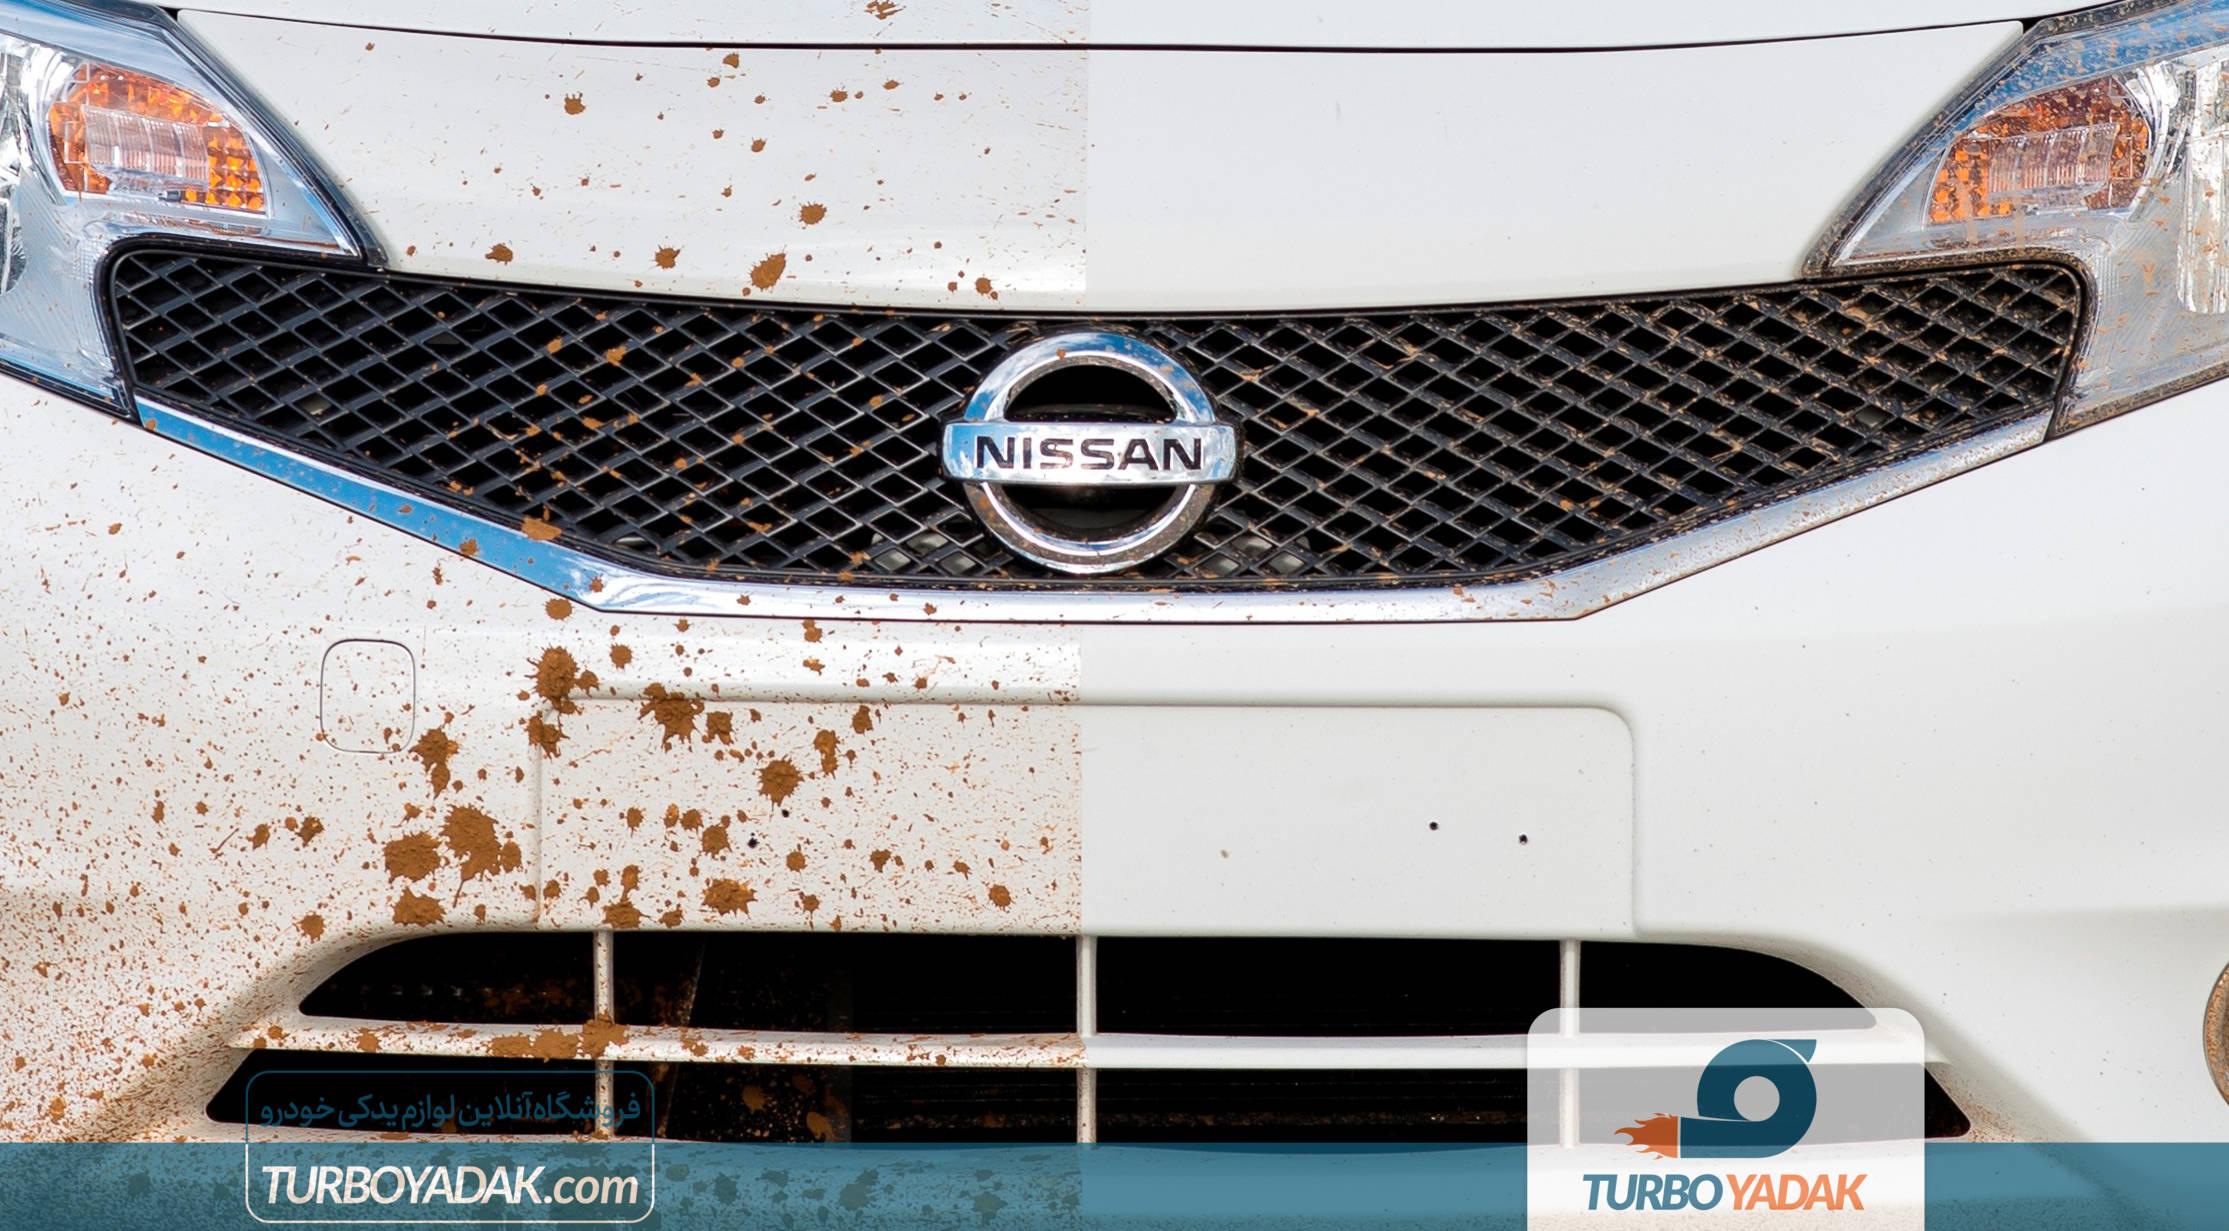 شستشوی ماشین بدون آب